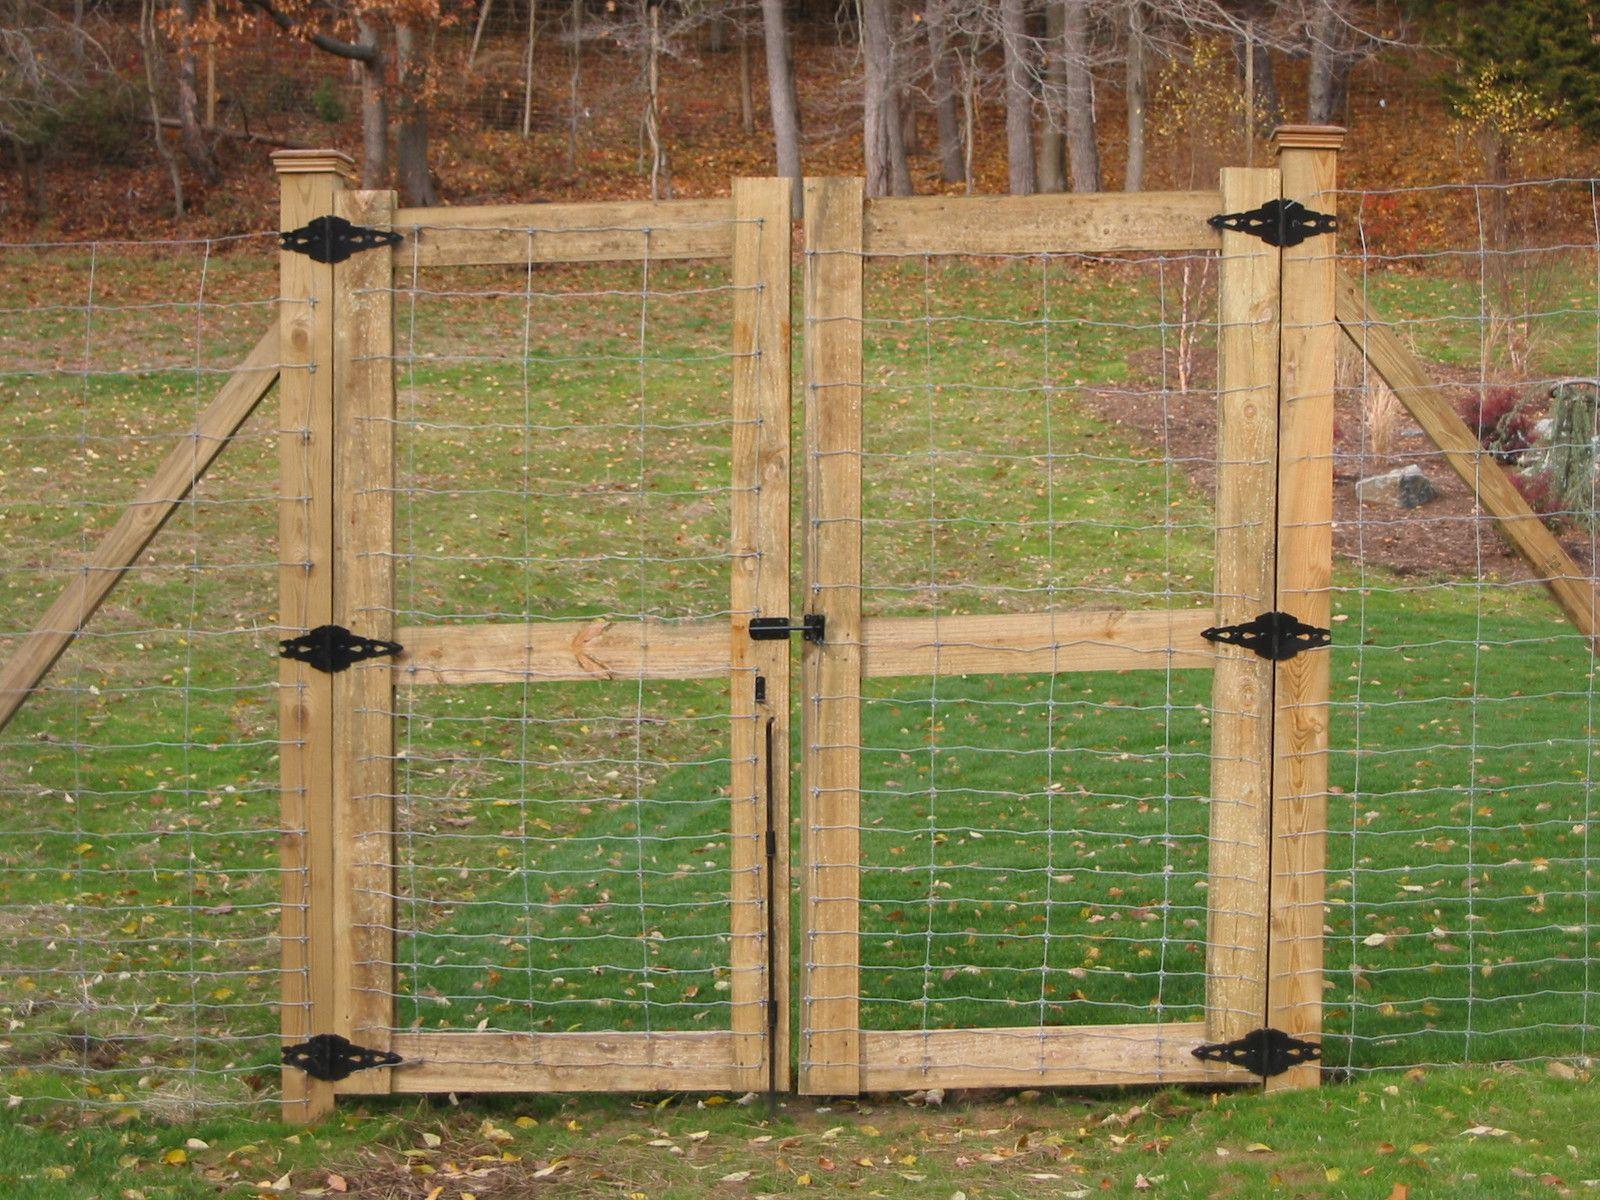 Deer Fencing Md And Sons Fencing Nj Diy Garden Fence Deer Fence Backyard Fences